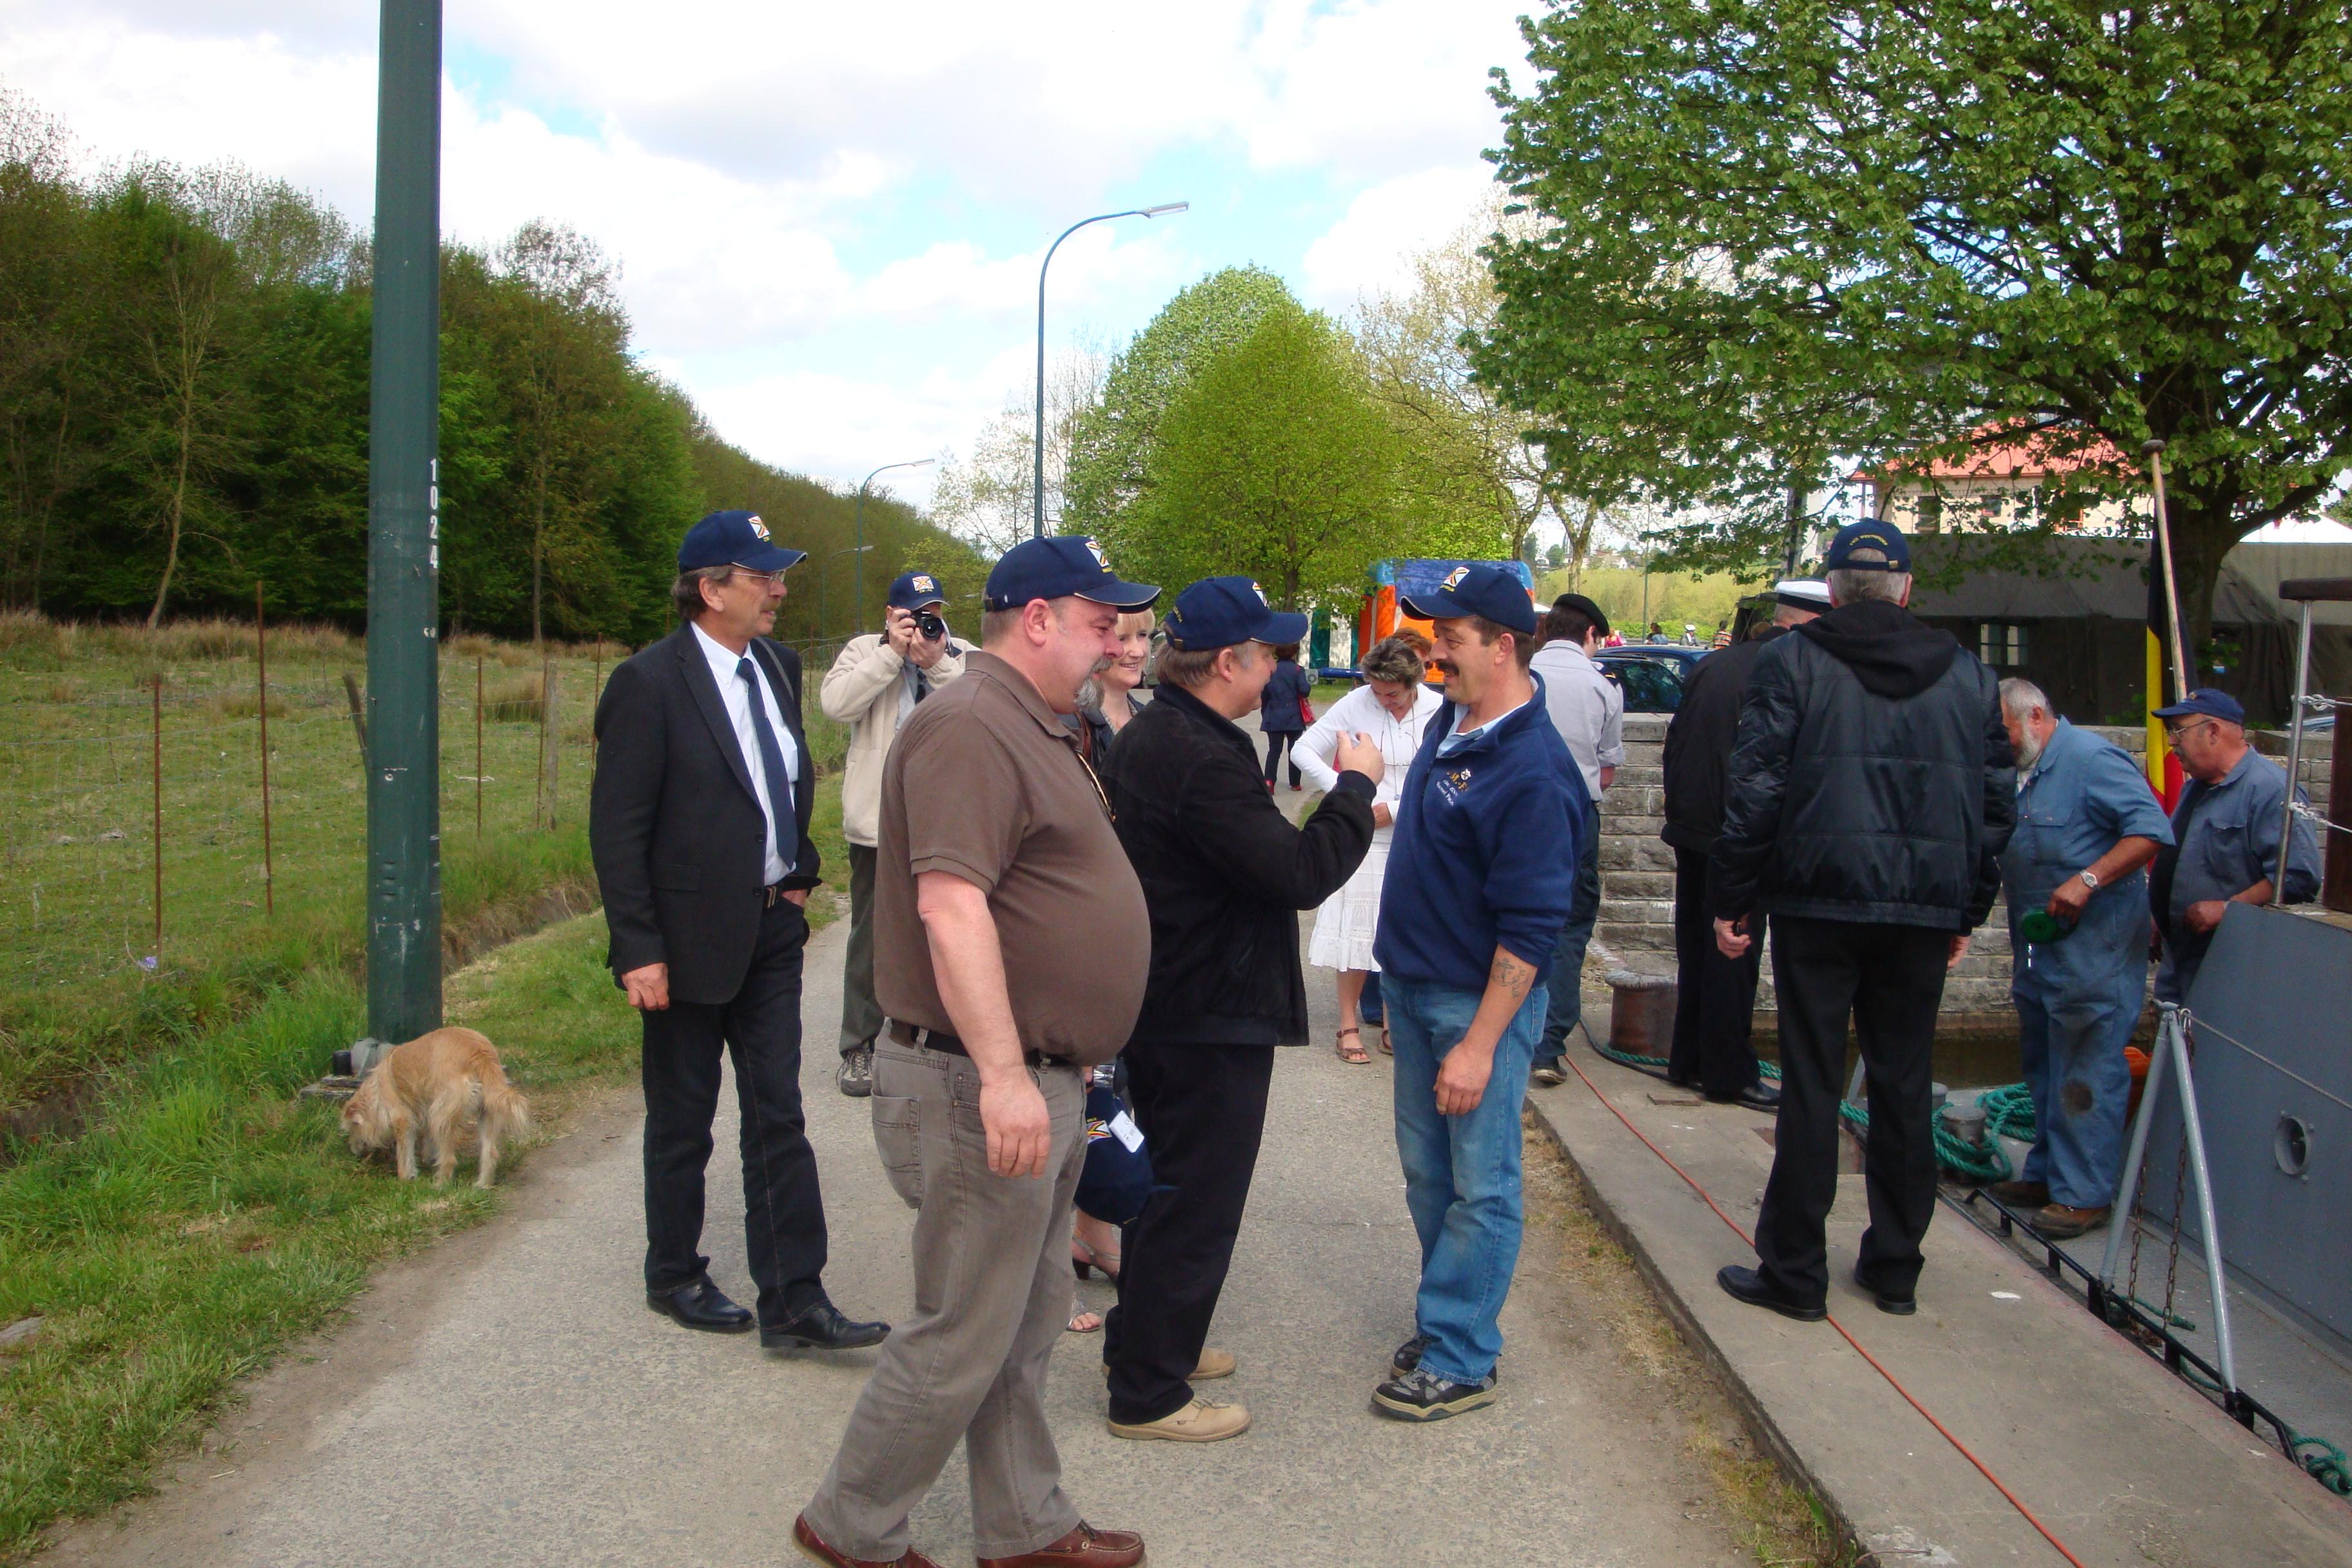 photos de la réunion des anciens à Ittre le 1er mai 2010 - Page 4 100502122927990285945141